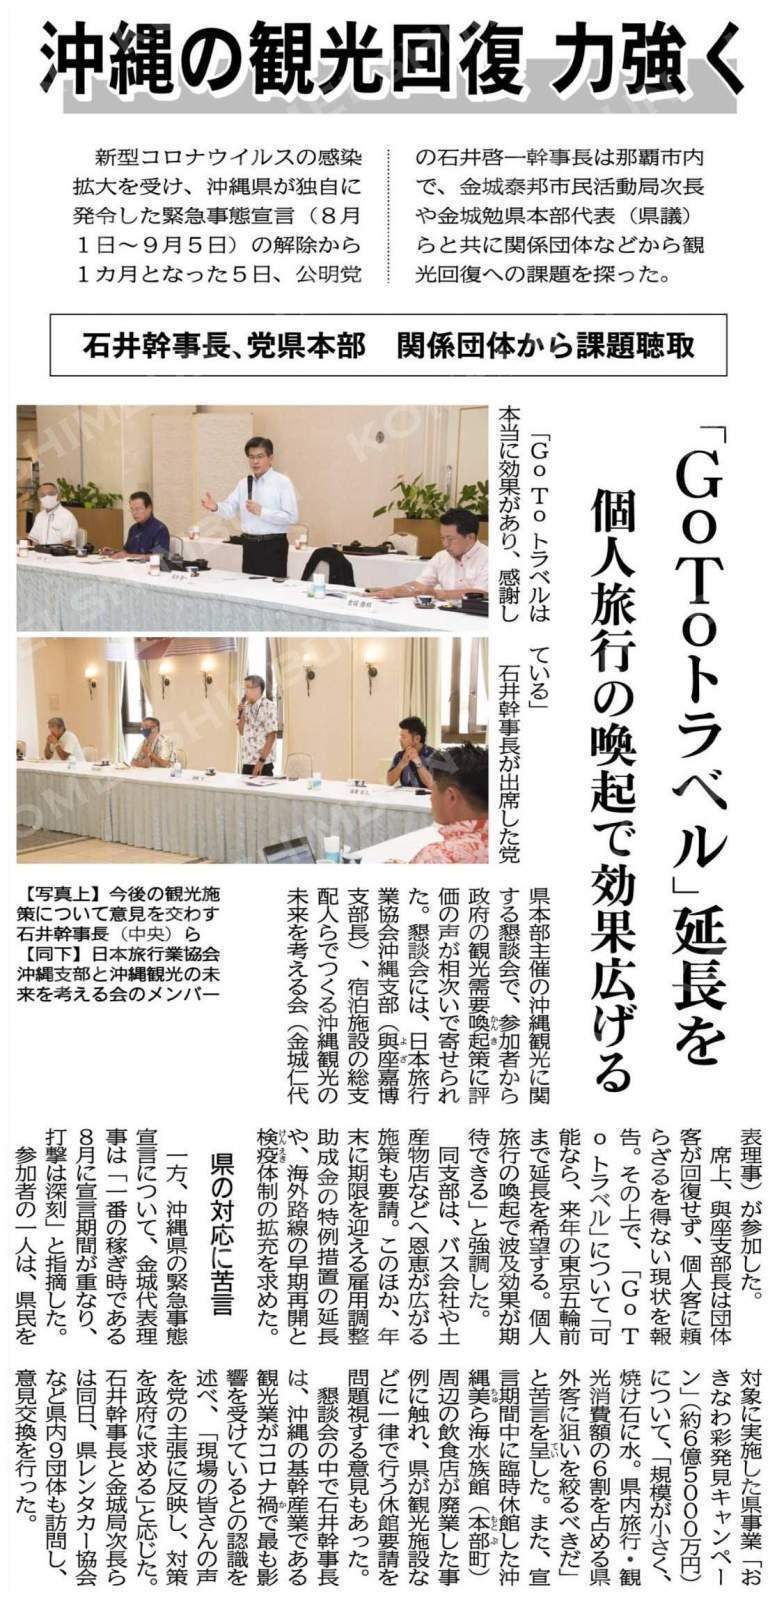 事態 解除 宣言 県 沖縄 緊急